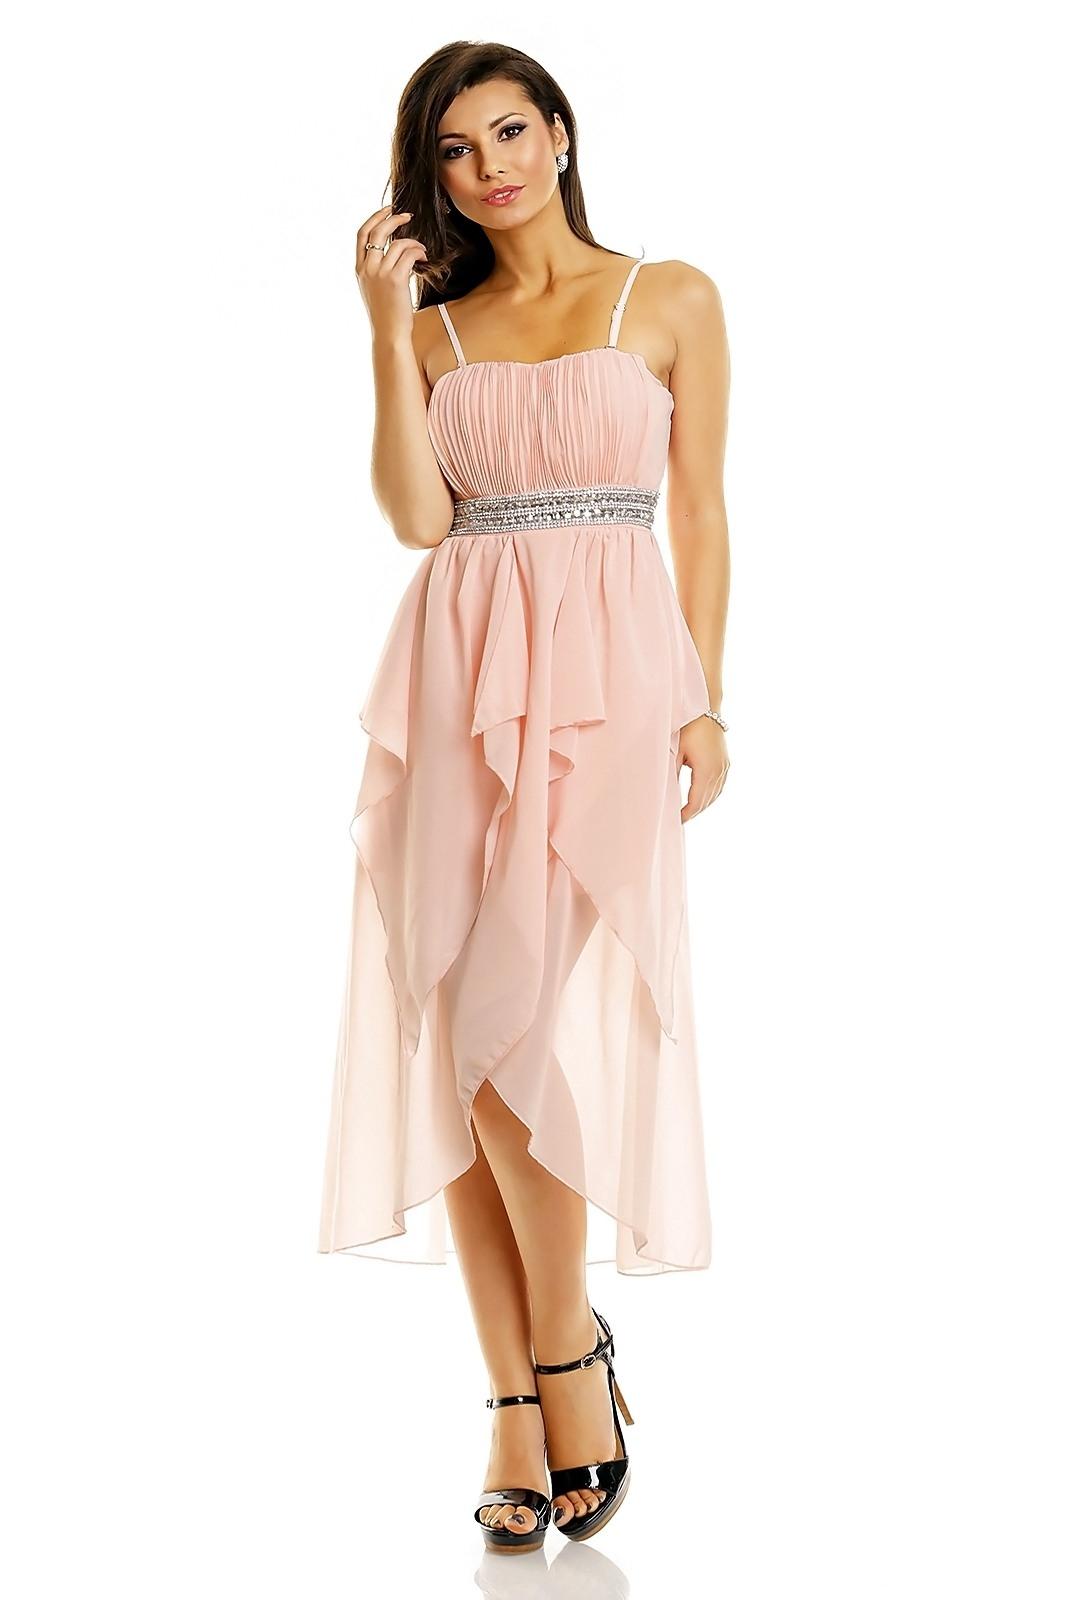 10 Spektakulär Rosa Kleid Lang Galerie20 Ausgezeichnet Rosa Kleid Lang Vertrieb